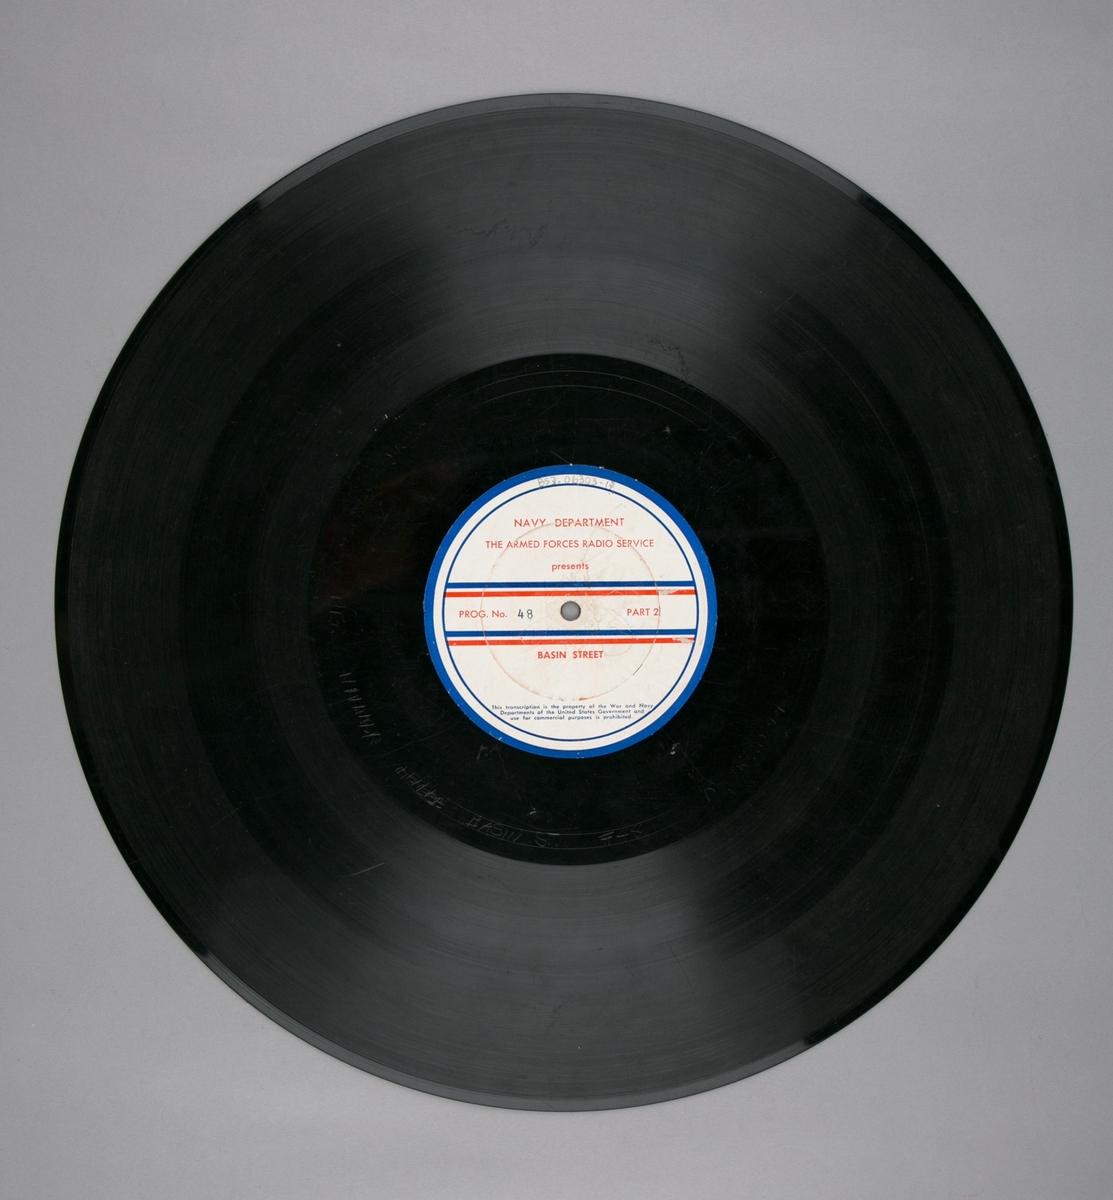 """Grammofonplatesamling. LP-plate med tittel """"The Armed Forces Radio Service"""" utgitt av Navy Department. Plate i svart vinyl spilles på platespiller med 33 1/3 omdreininger i minuttet (33-plate)."""